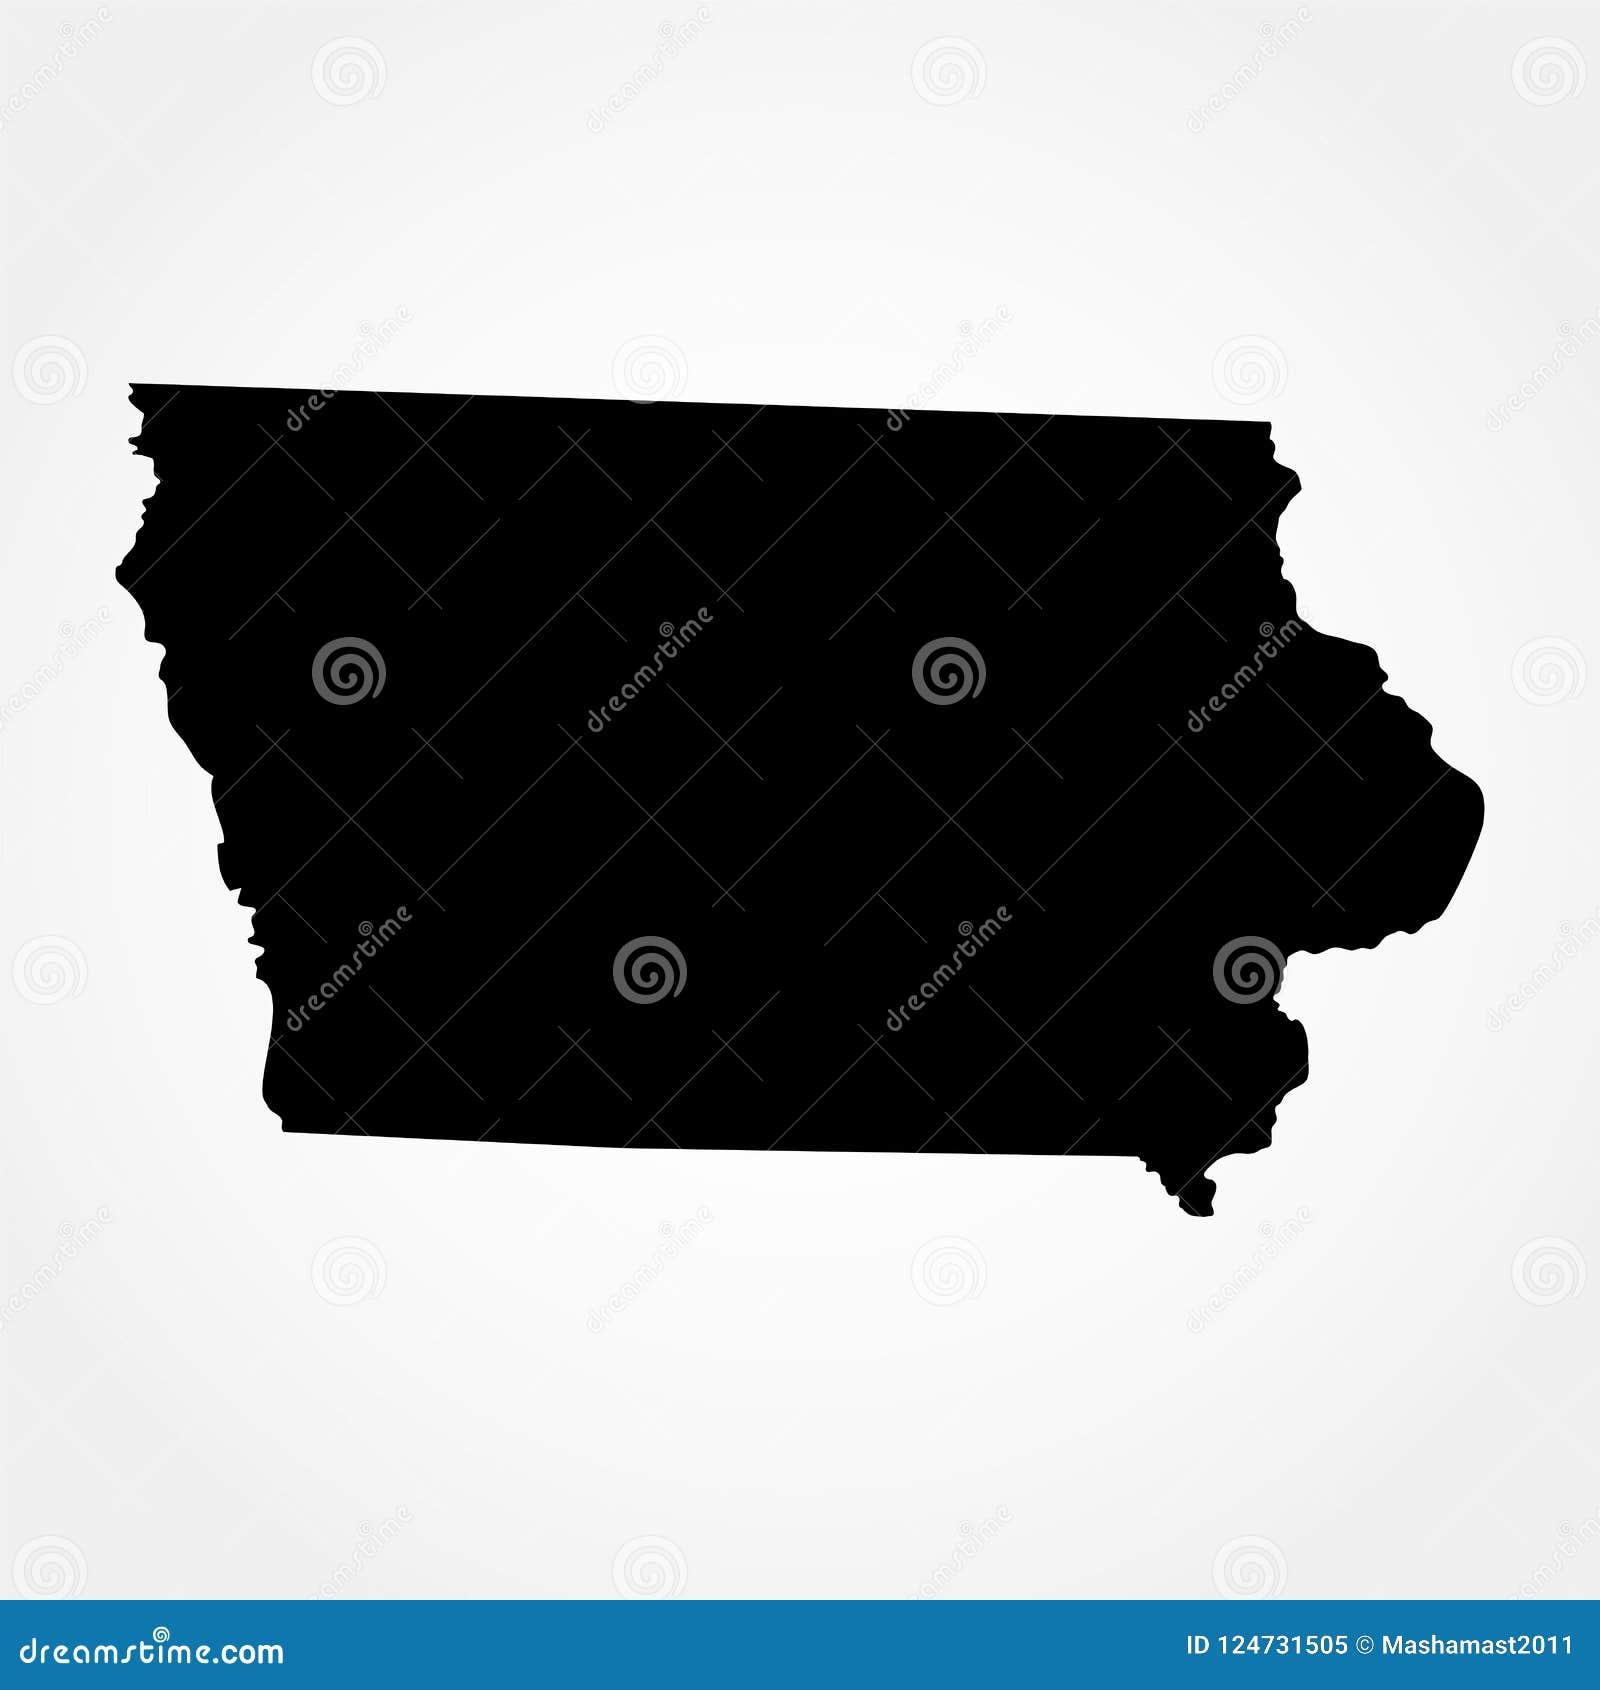 Mapa U S iowa state